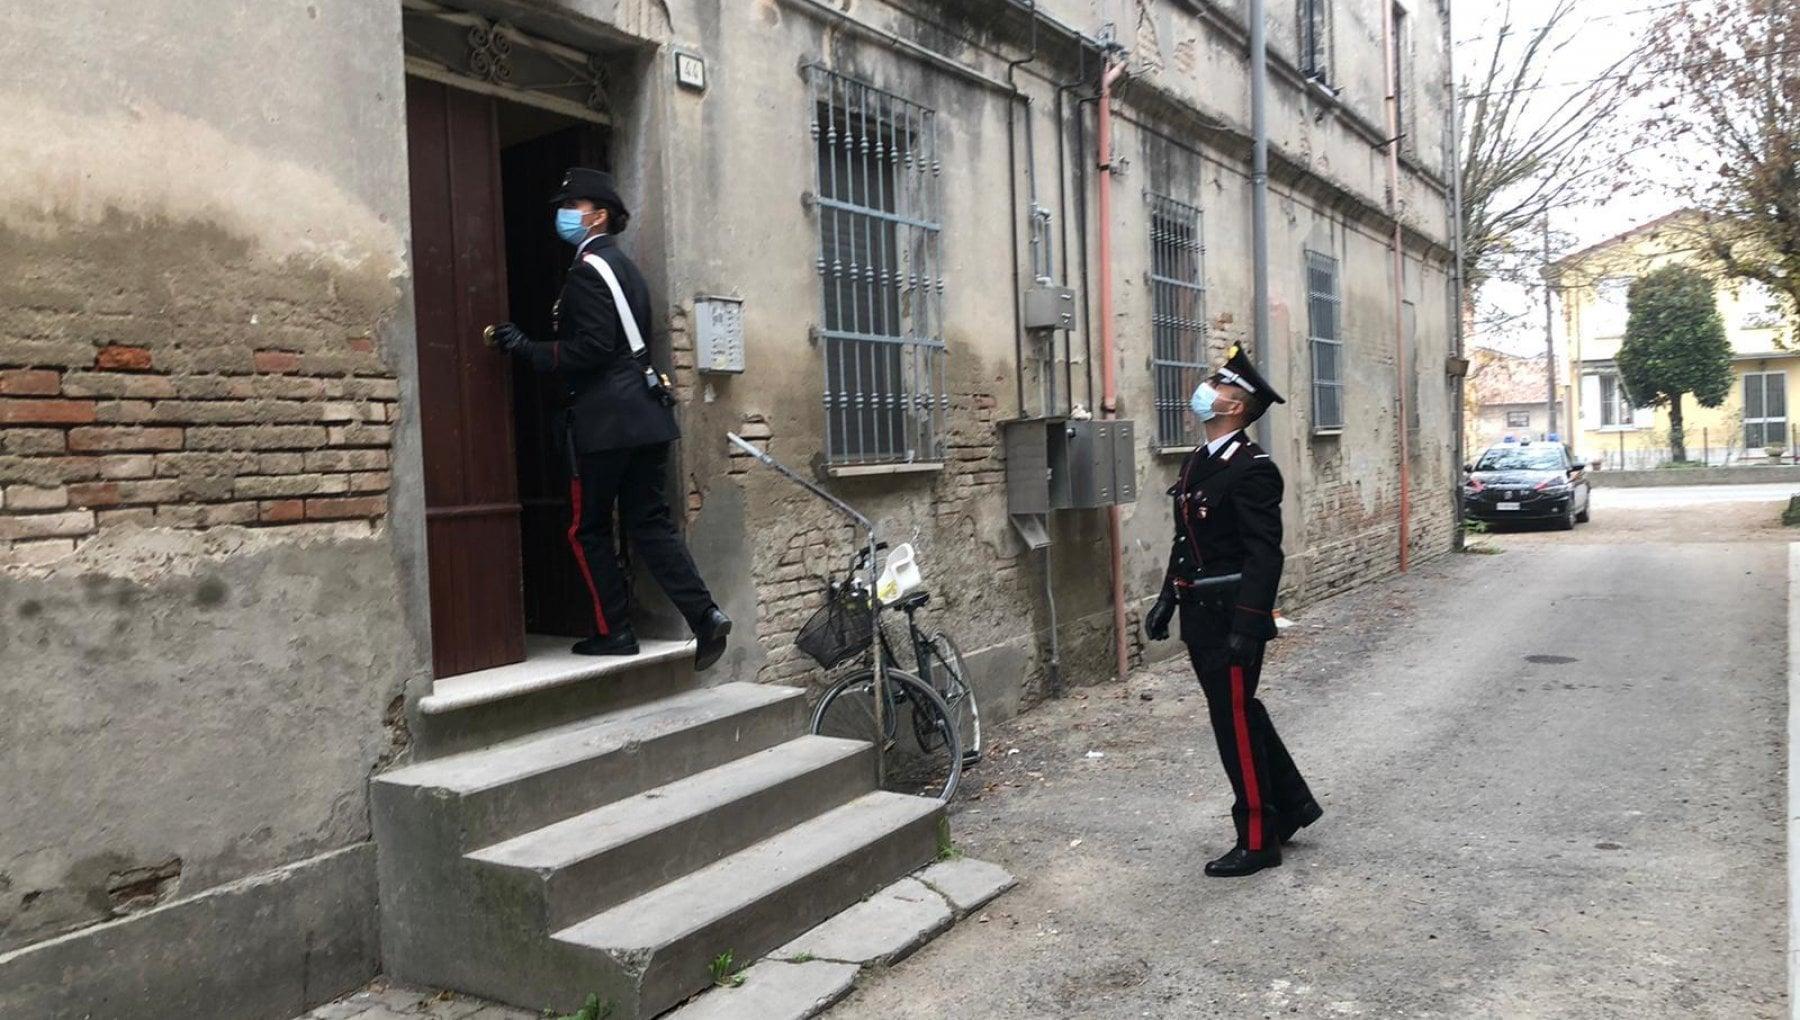 Orrore nel Reggiano aggrediscono coppia e violentano donna cinque arresti